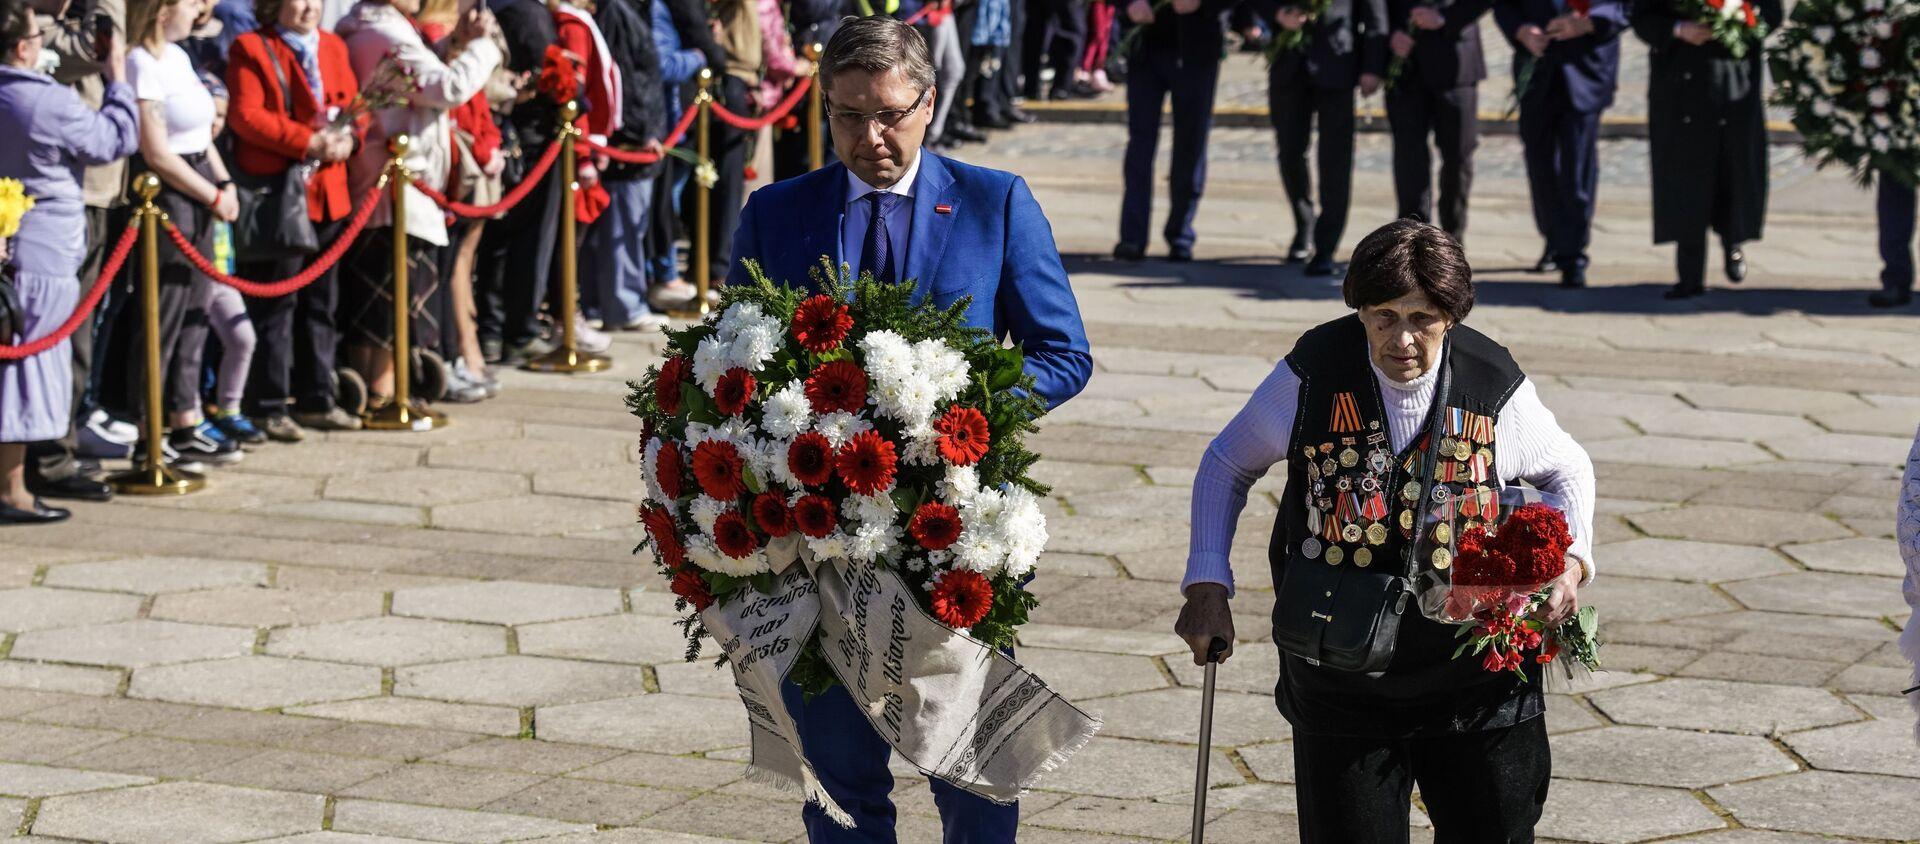 Отстраненный от должности мэра Нил Ушаков во время возложения цветов у памятника Освободителям Риги - Sputnik Latvija, 1920, 06.05.2021